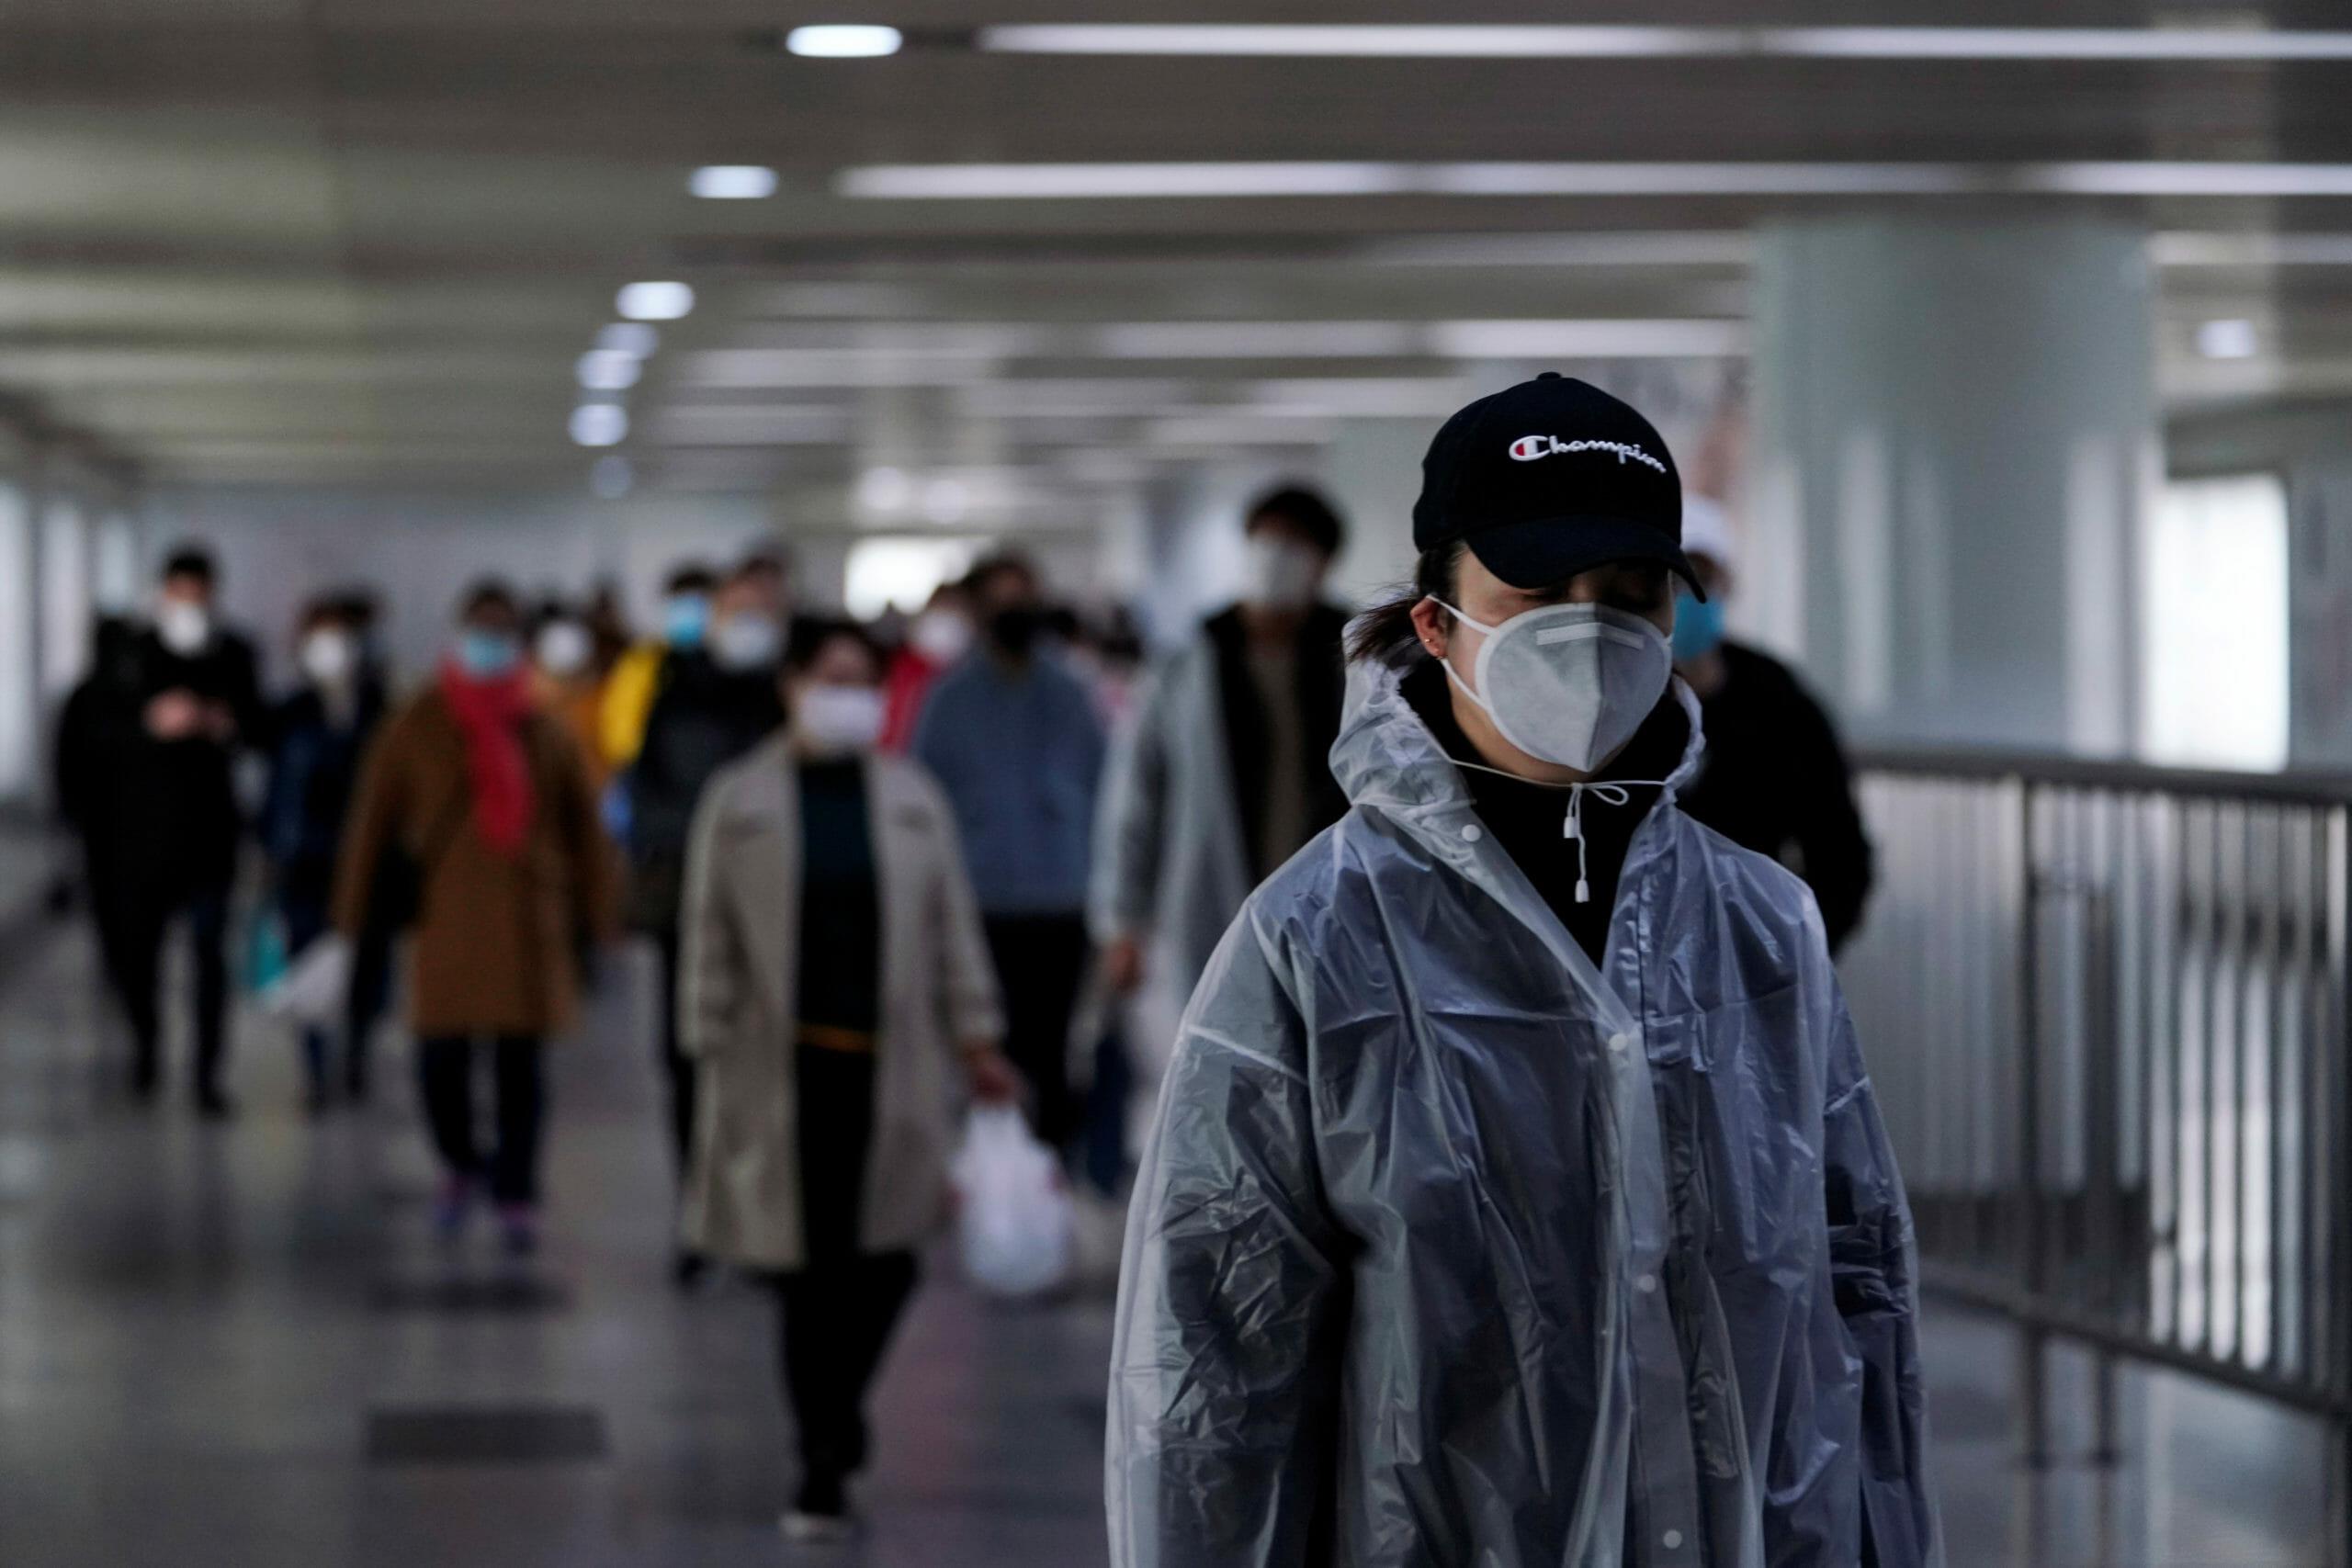 Κοροναϊός: Μεγαλώνει ο κίνδυνος εξάπλωσης σε ανθρώπους που δεν ταξίδεψαν ποτέ στην Κίνα